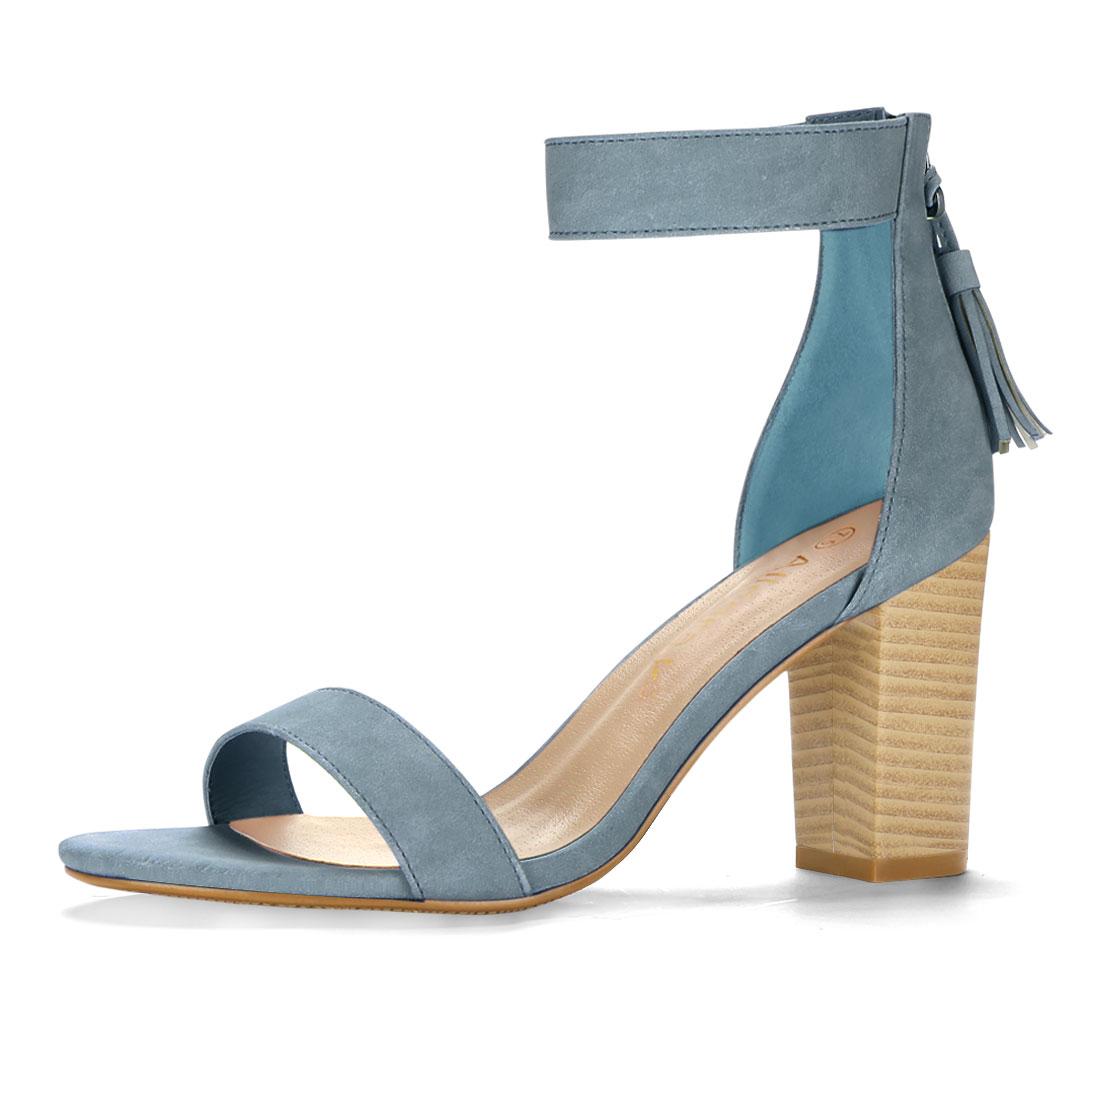 Women Open Toe Tassel Stacked Heel Ankle Strap Sandals Denim Blue US 6